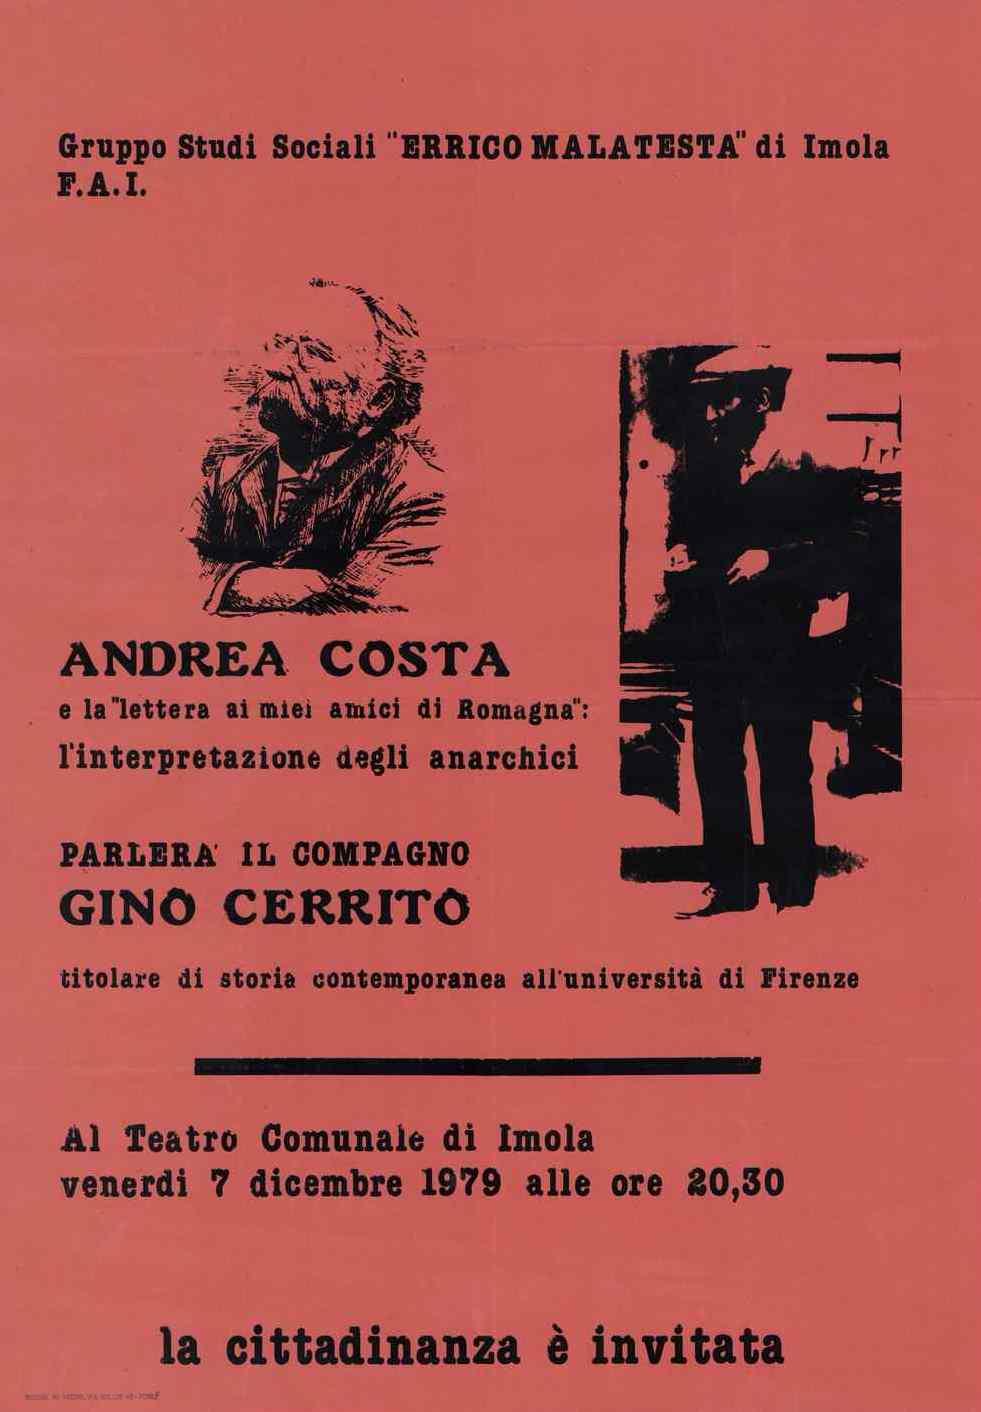 Cartell de la conferència realitzat per Flavio Costantini